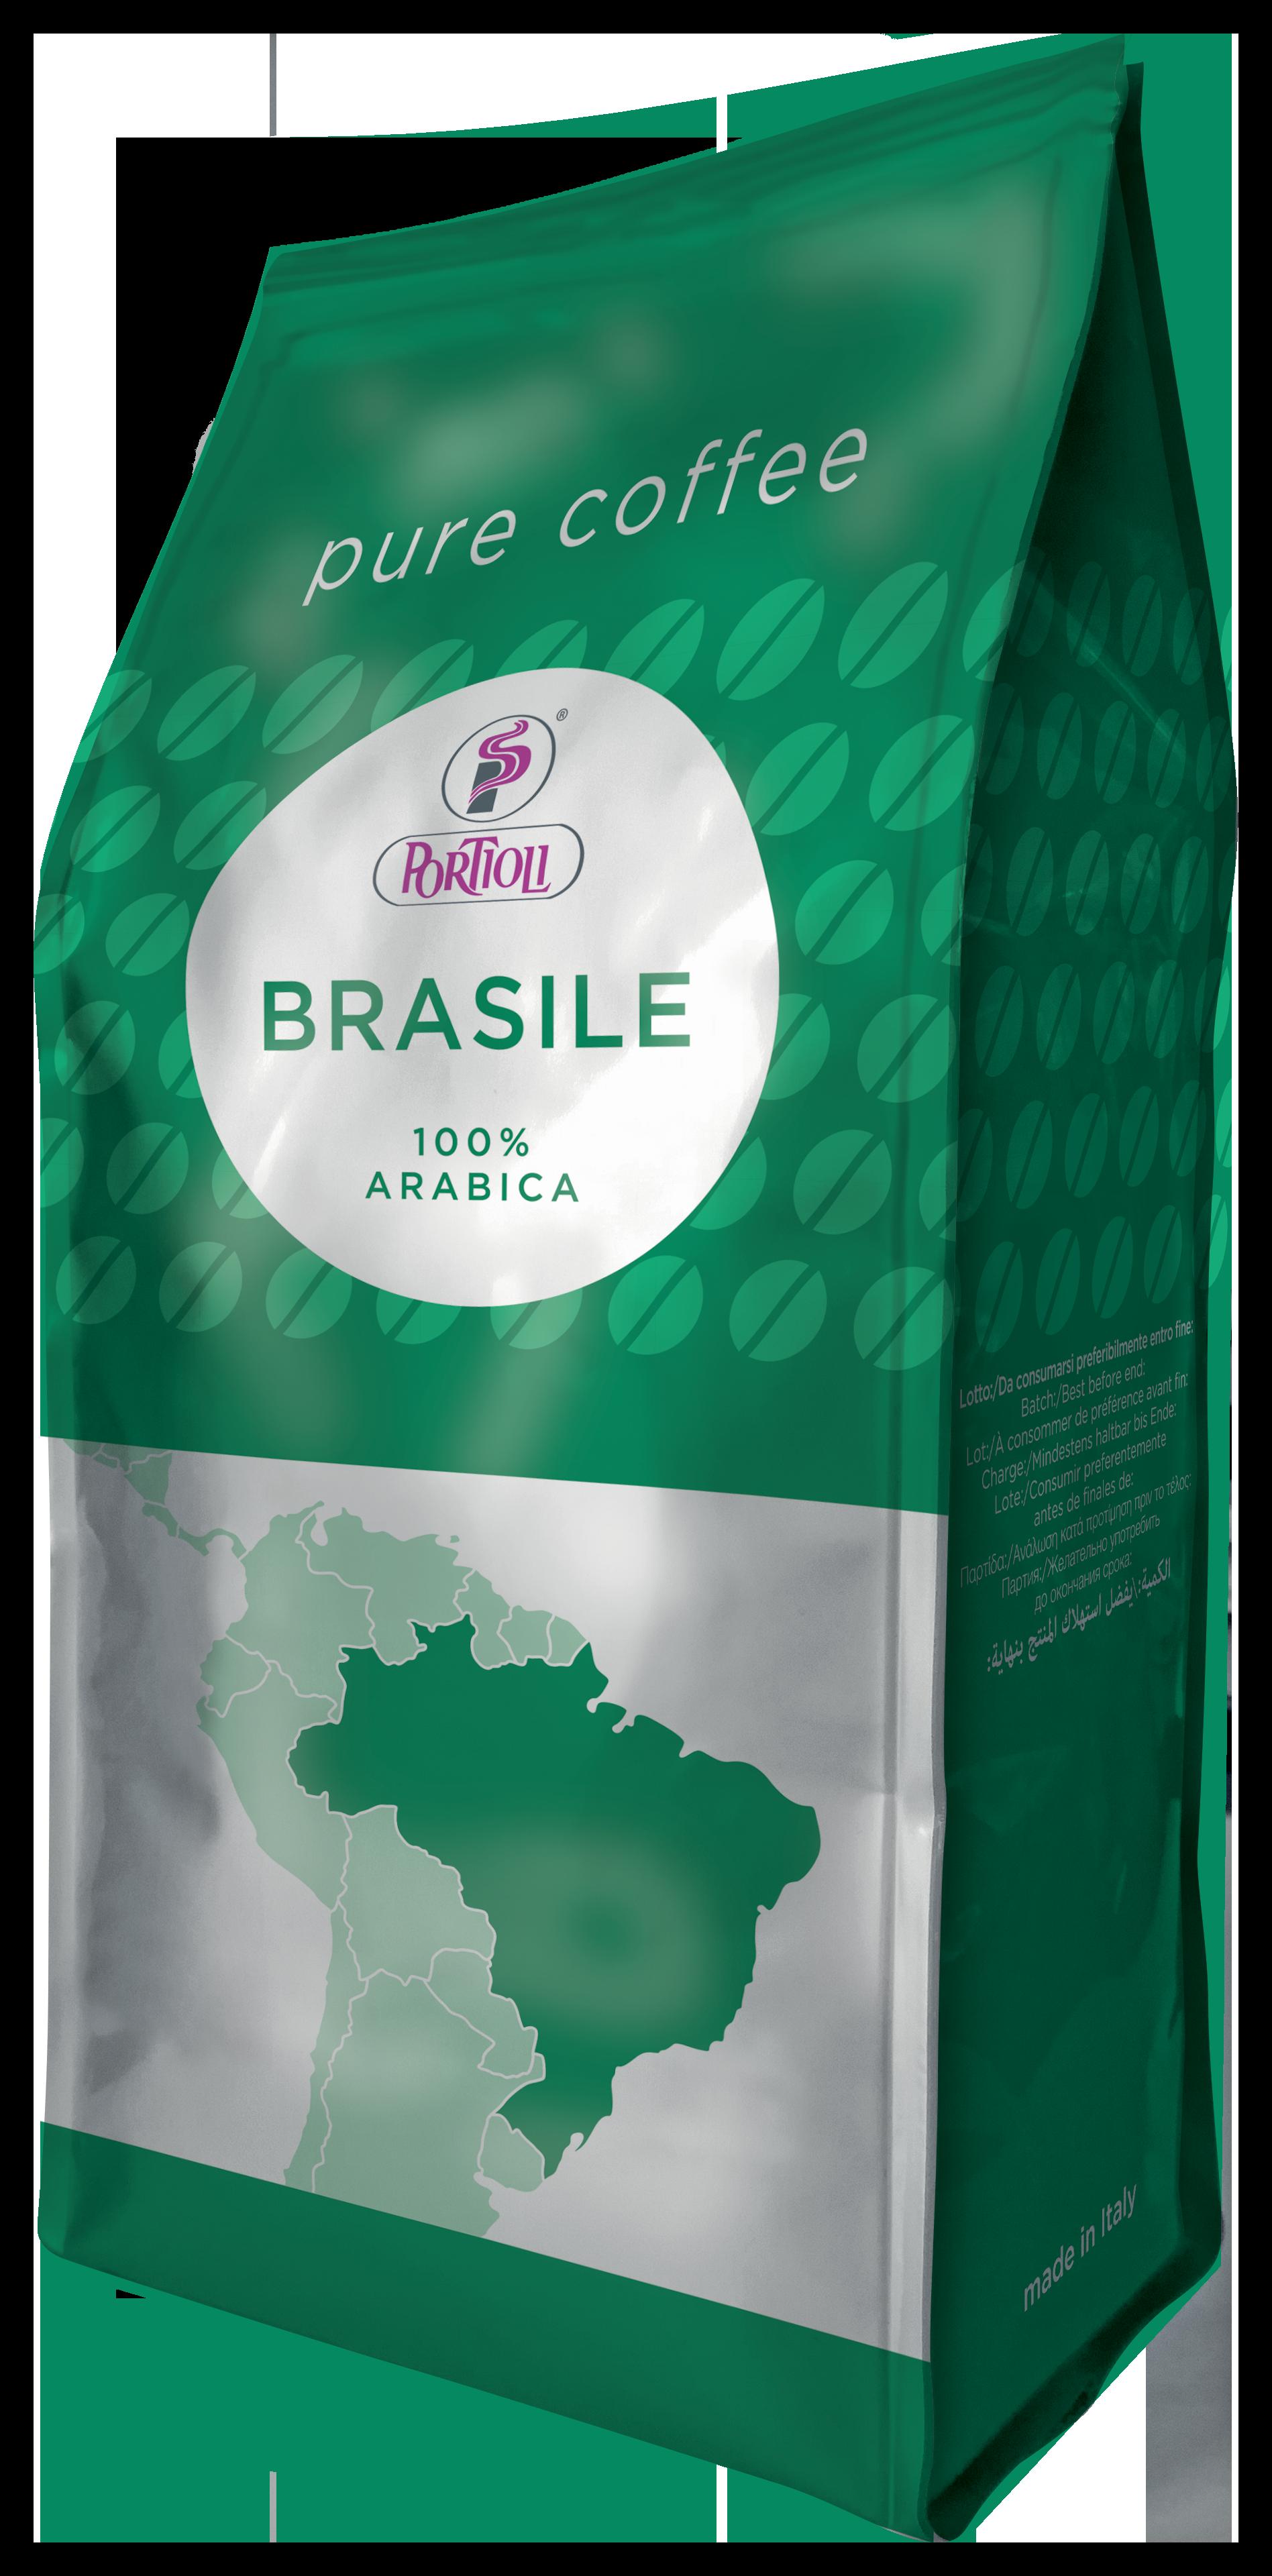 Portioli Brasile 500g